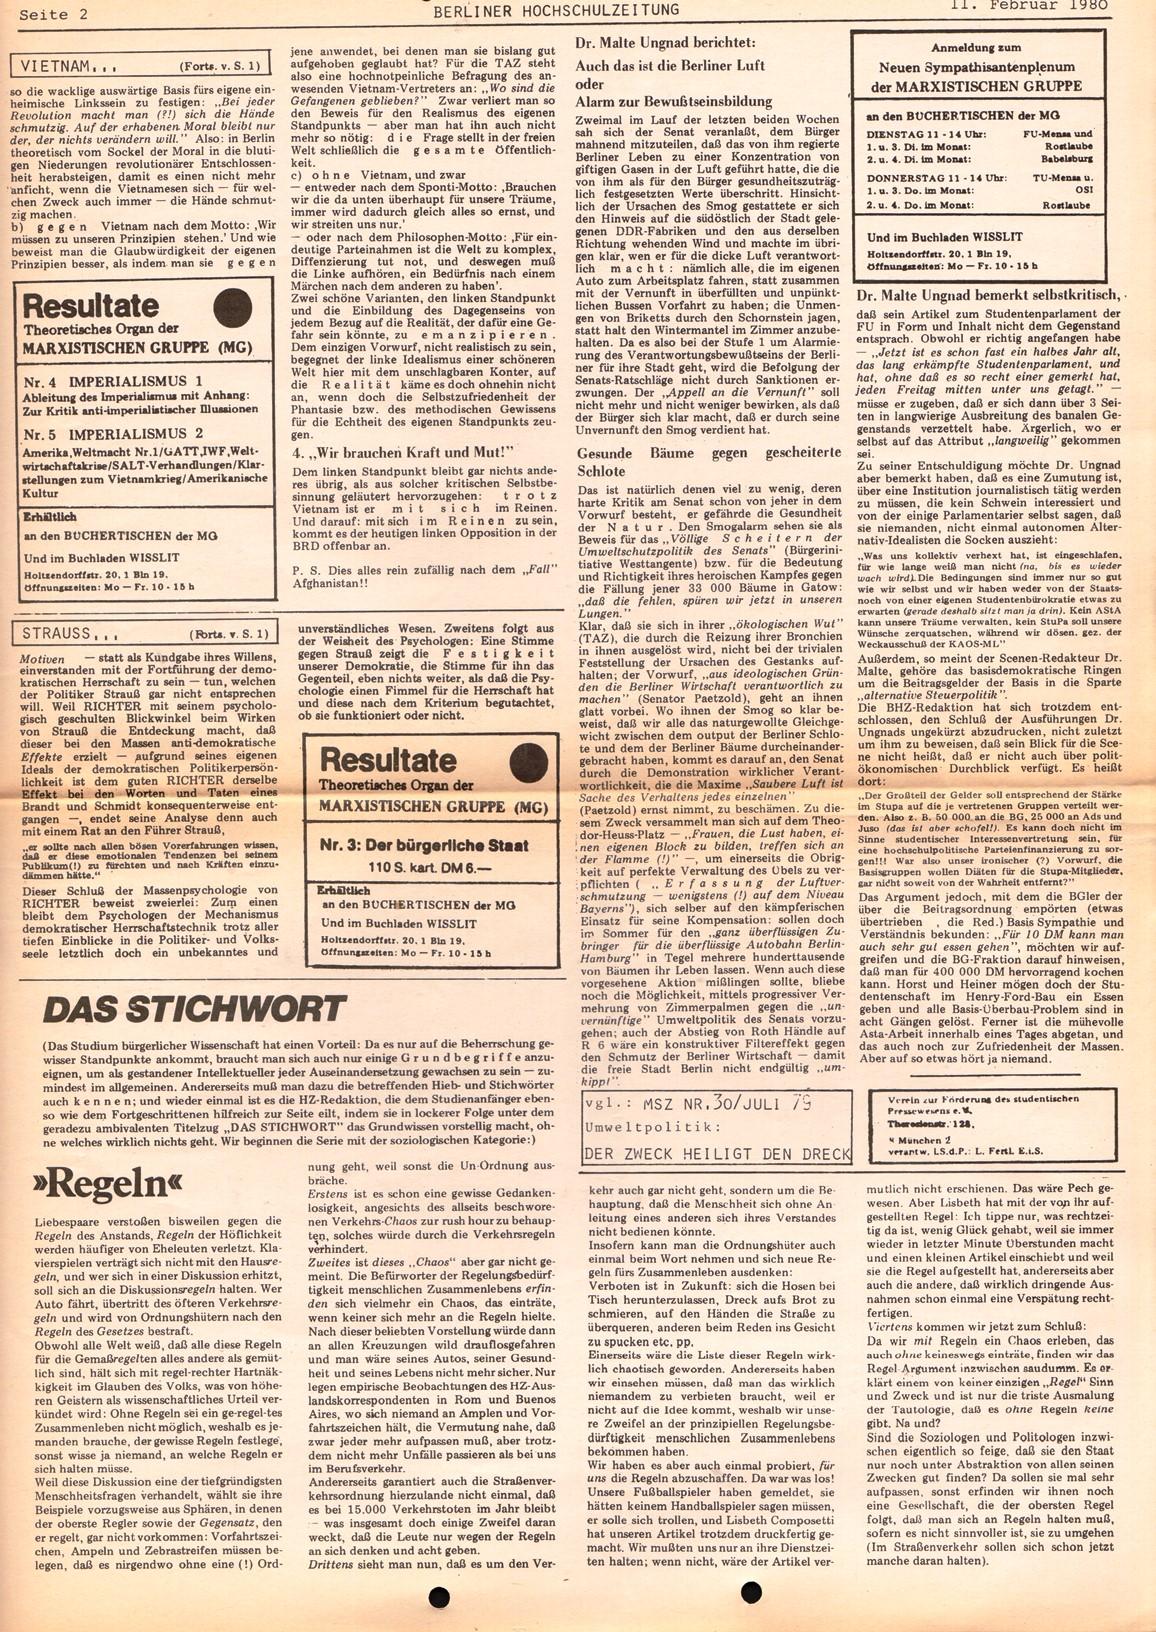 Berlin_MG_Hochschulzeitung_19800211_02